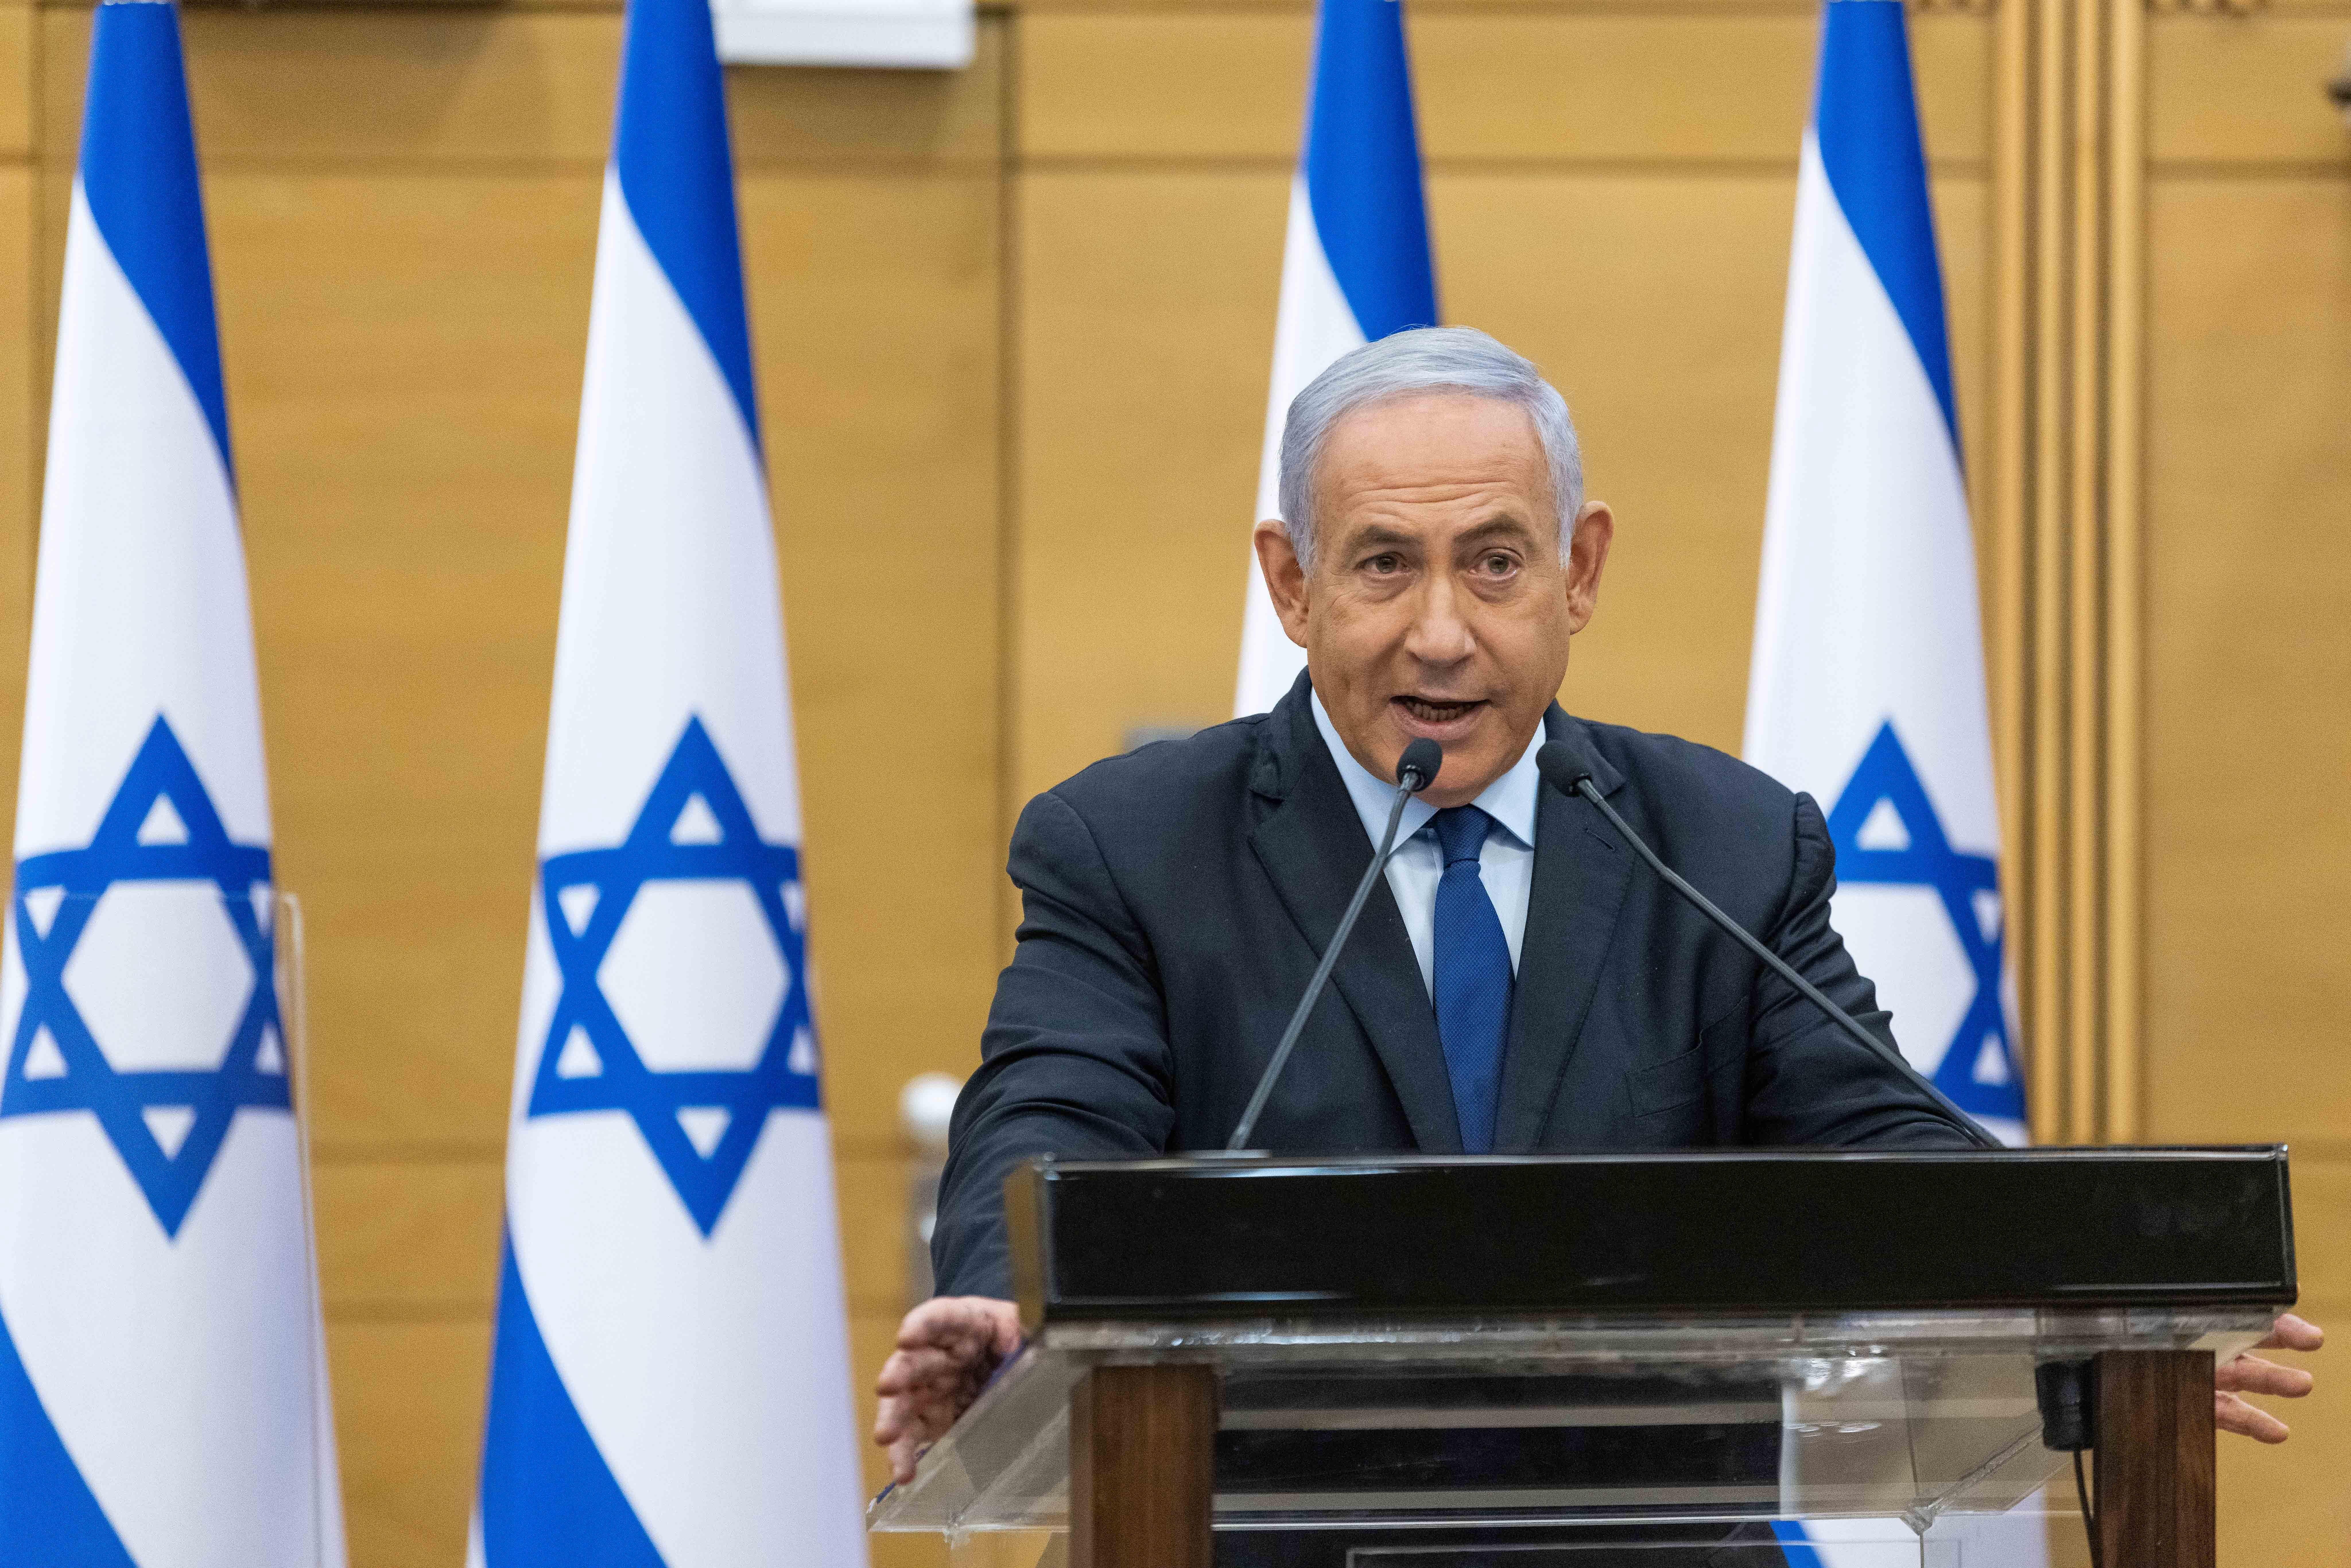 A nap videója: Netanjahu reflexből a miniszterelnöki székbe ült, ekkor emlékeztették, hogy leváltották